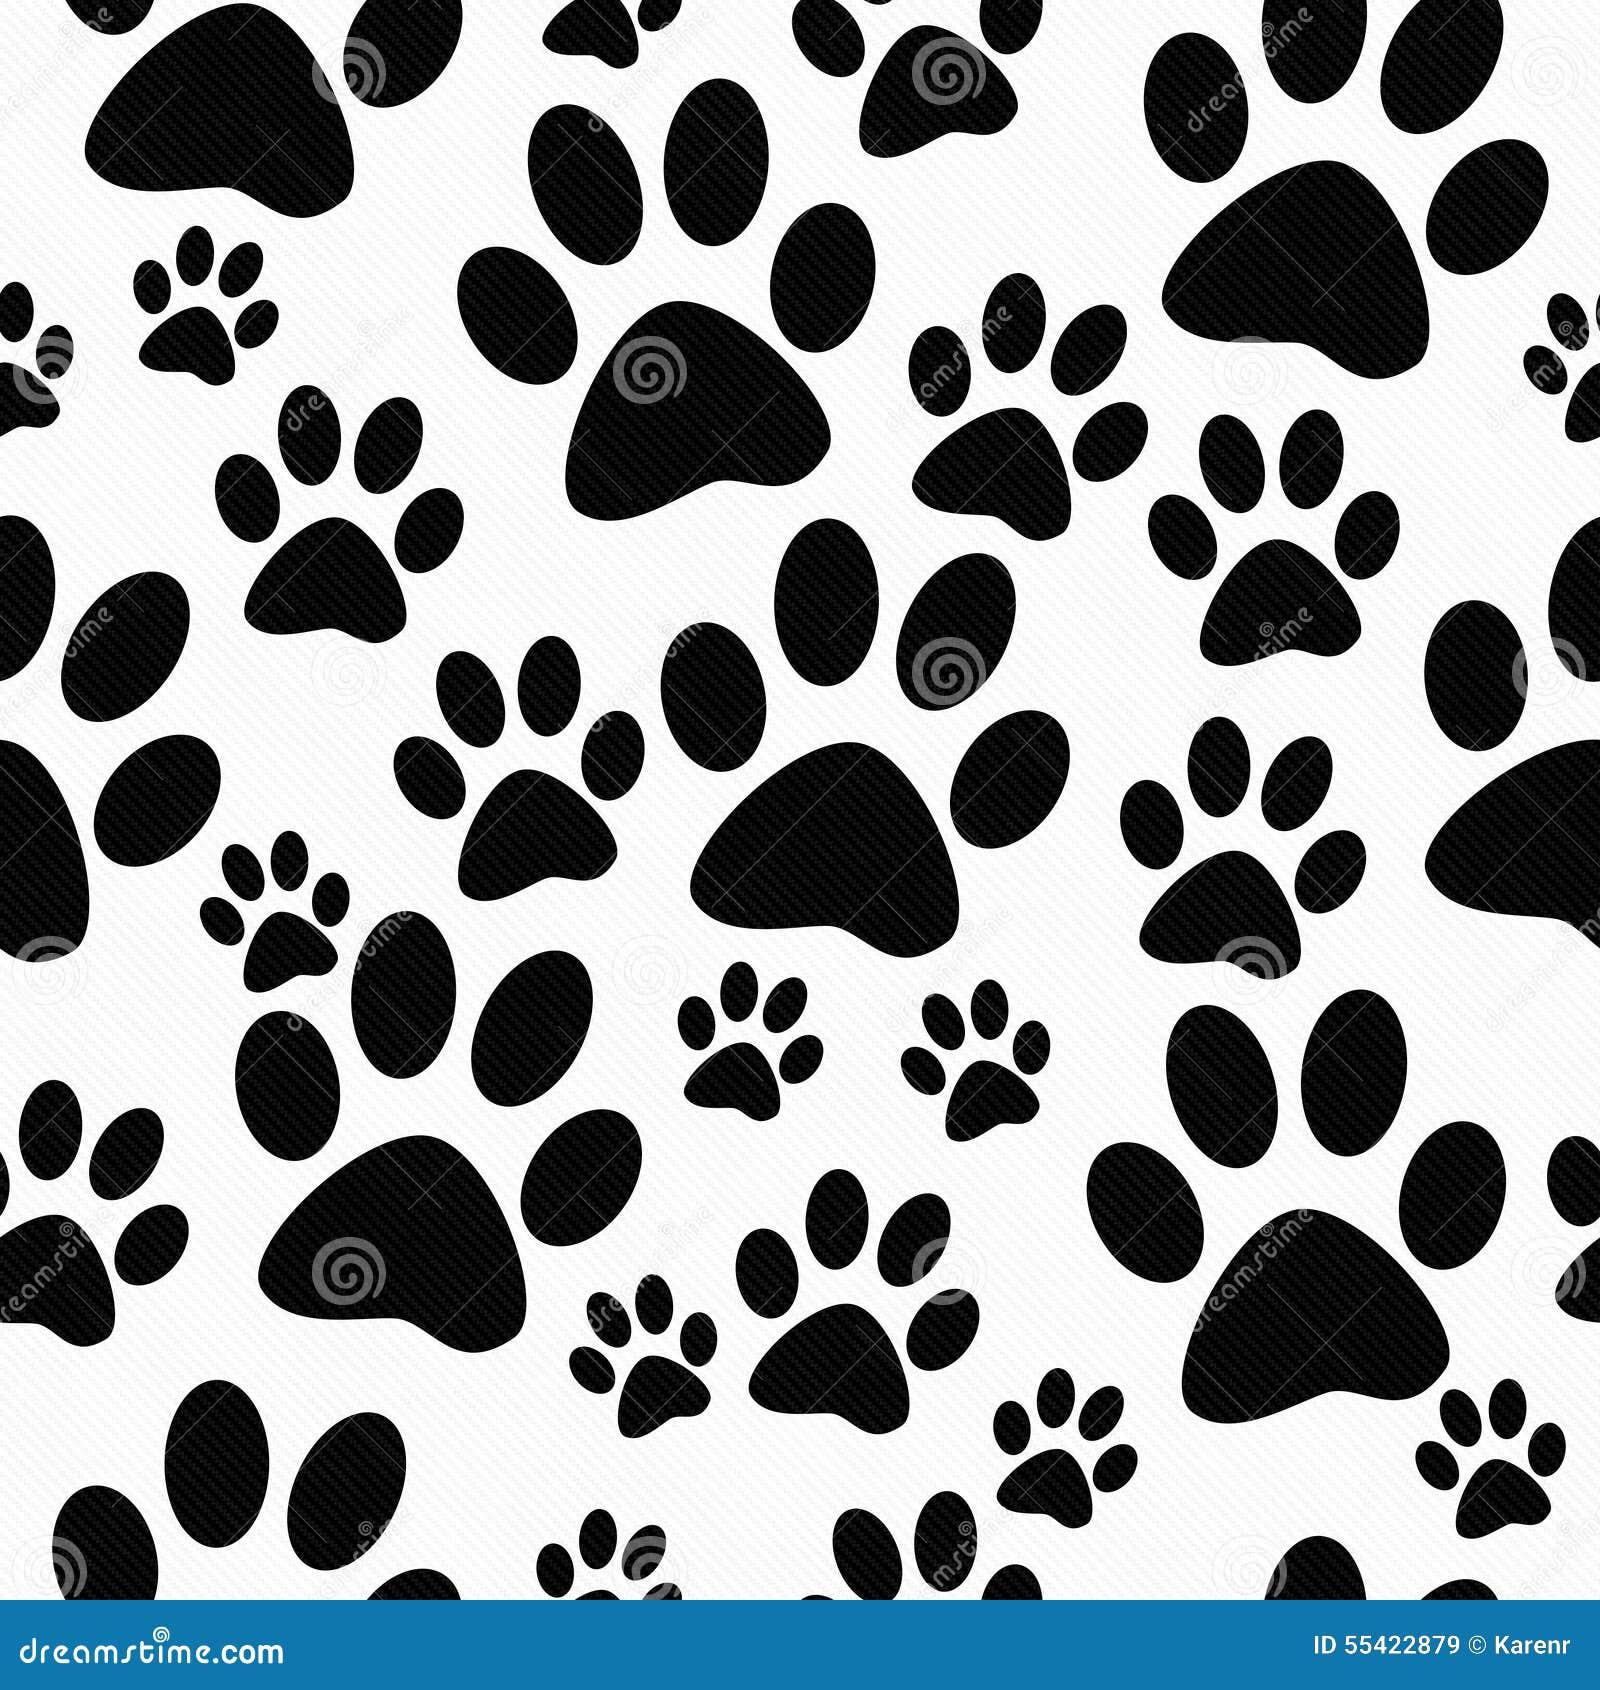 De zwart-witte Achtergrond van Hondpaw prints tile pattern repeat